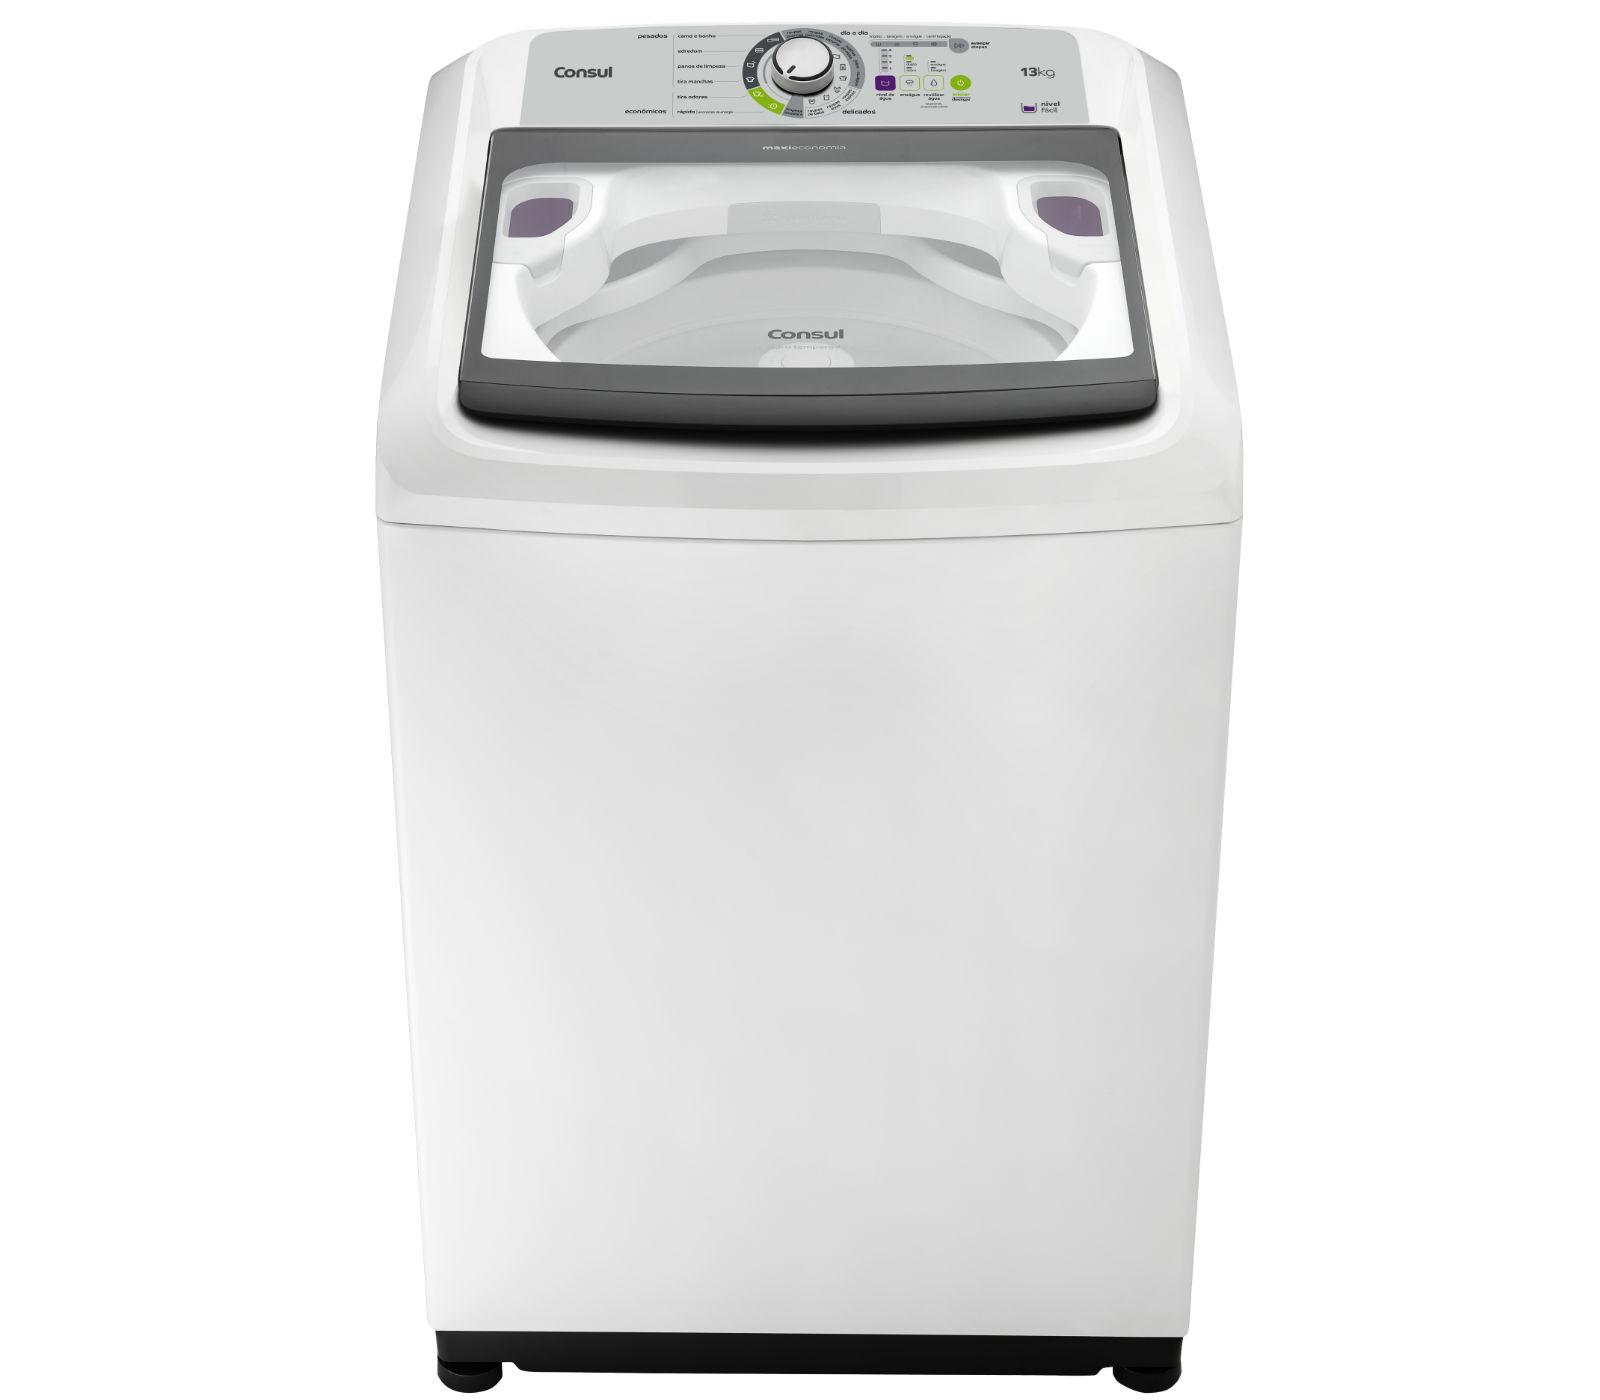 Lavadora de Roupa Consul 13Kg Maxi Economia com Funcao Eco Enxague 220V